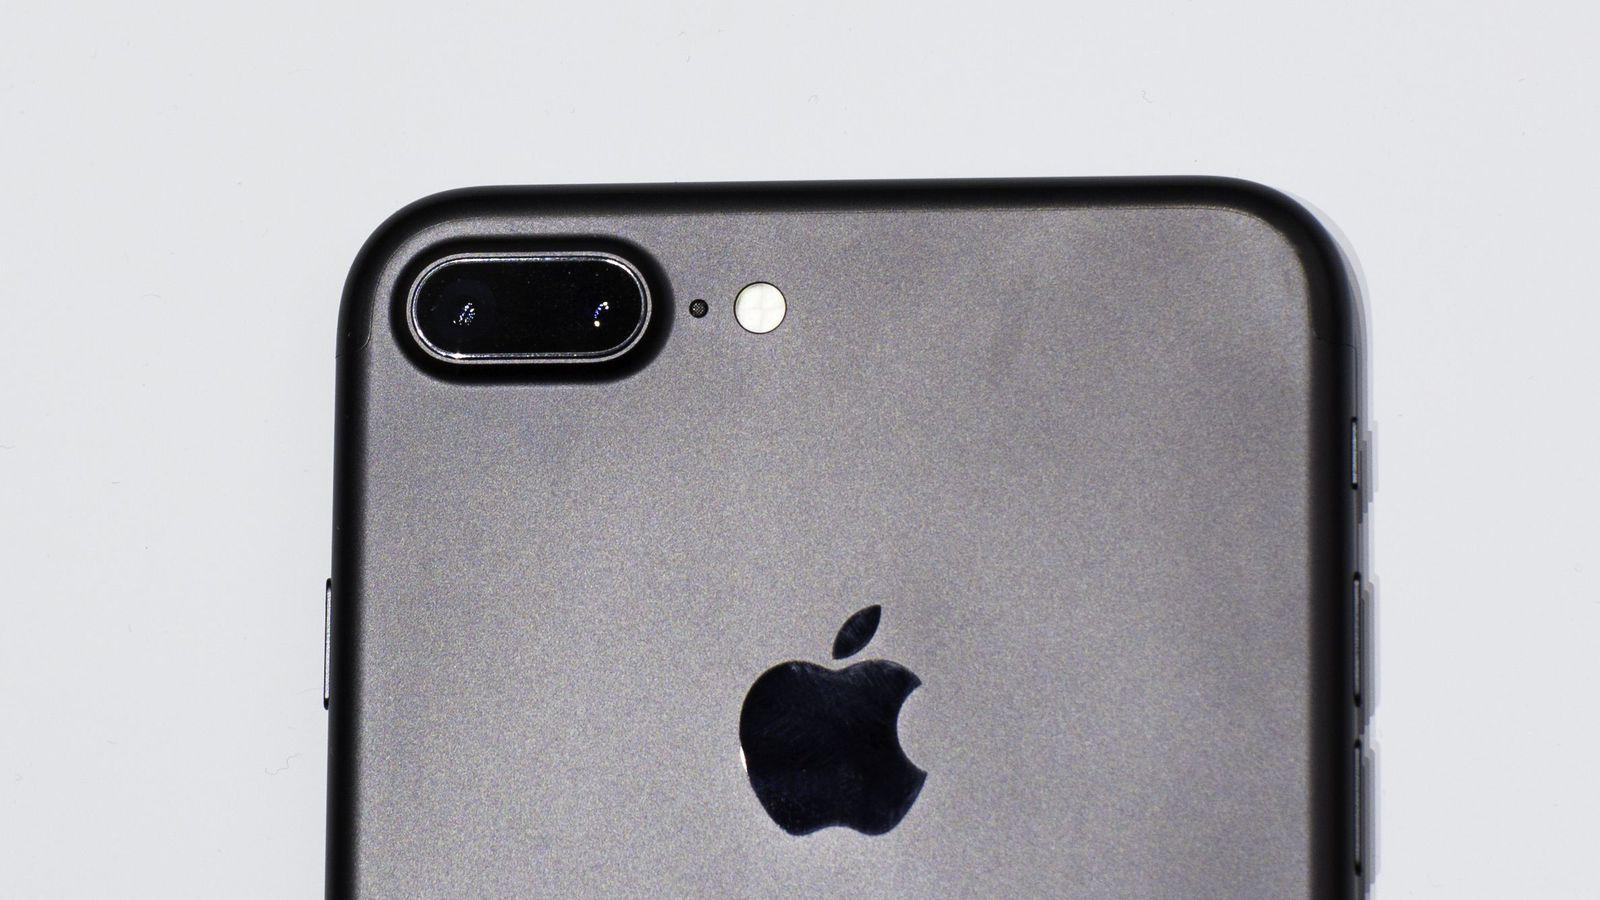 Kết quả hình ảnh cho camera iphone 7 plus